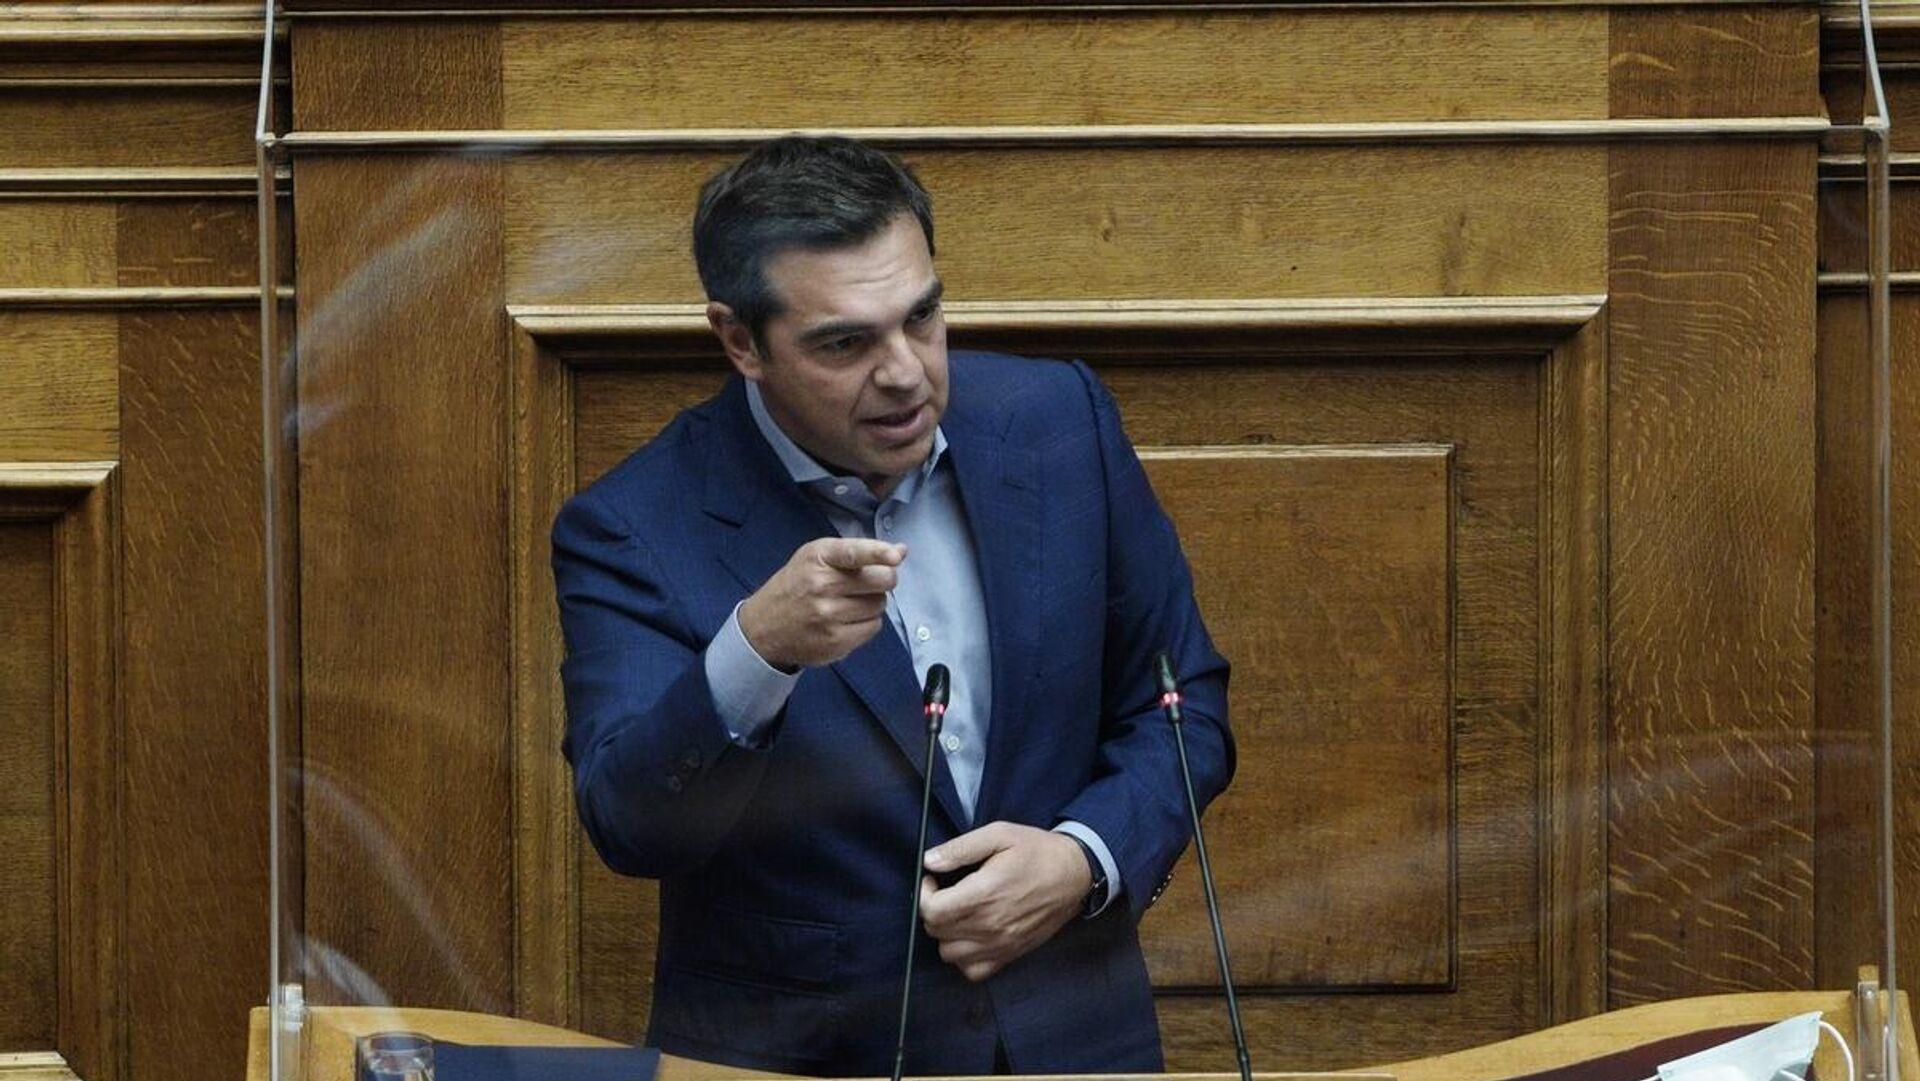 Τσίπρας για Μητσοτάκη: «Ψωνίζει φρεγάτες, σαν να ψωνίζει γραβάτες» - Άναψαν  τα αίματα στη Βουλή - 07.10.2021, Sputnik Ελλάδα